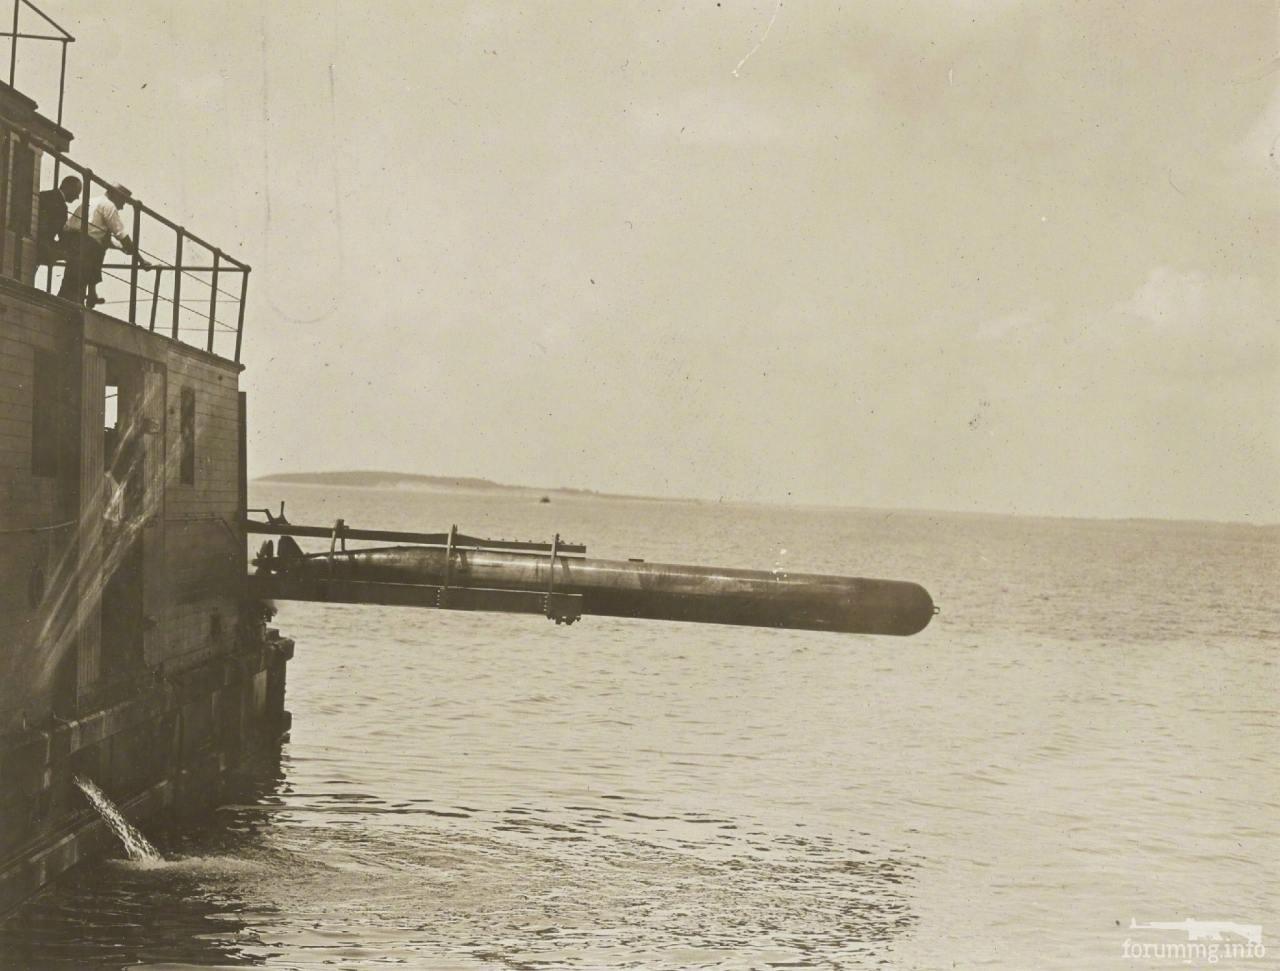 116292 - Торпеды in action